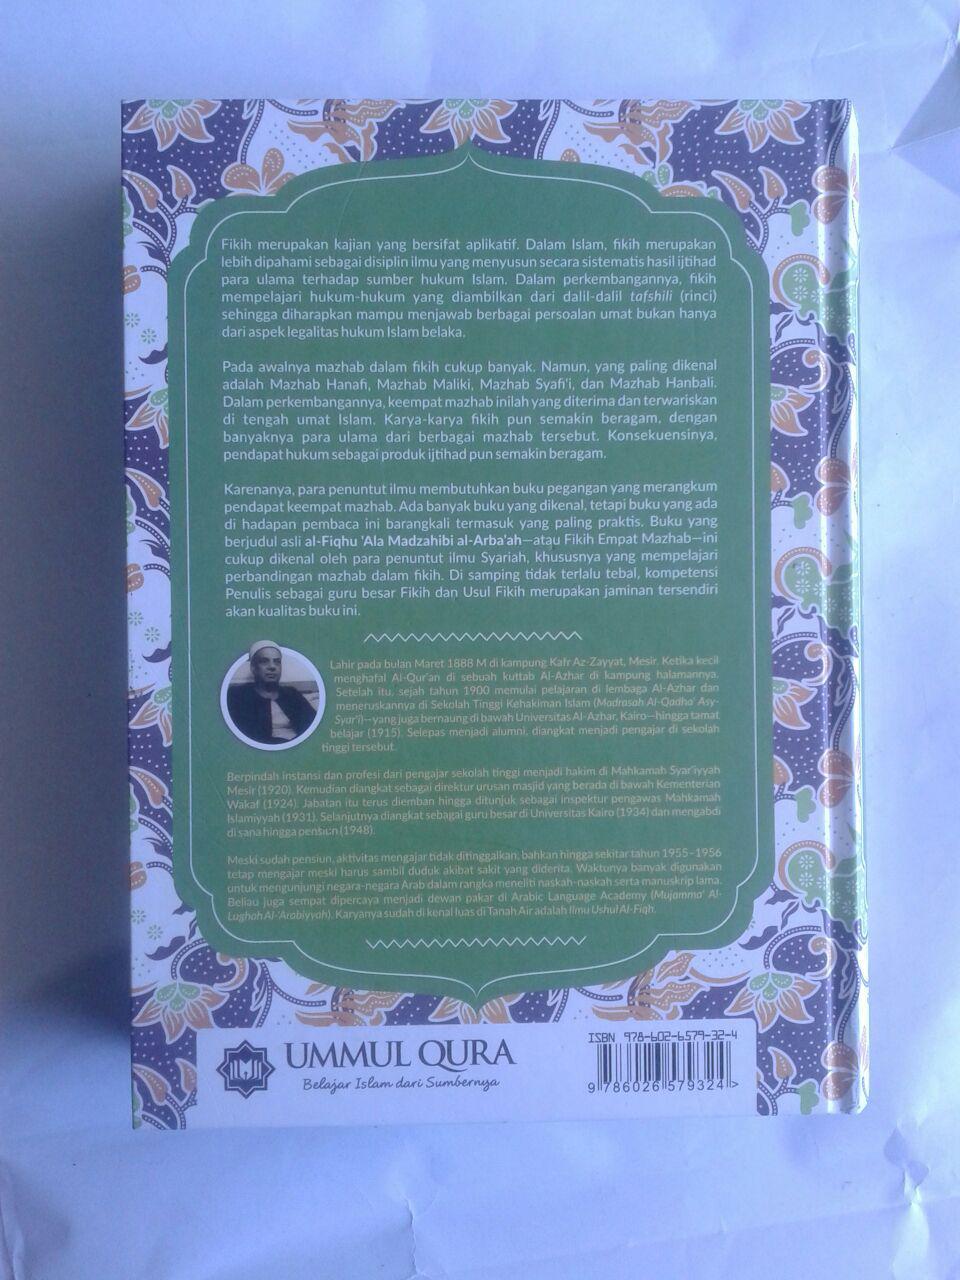 Buku Fikih Empat Madzhab Praktis 1 Set 2 Jilid cover 4